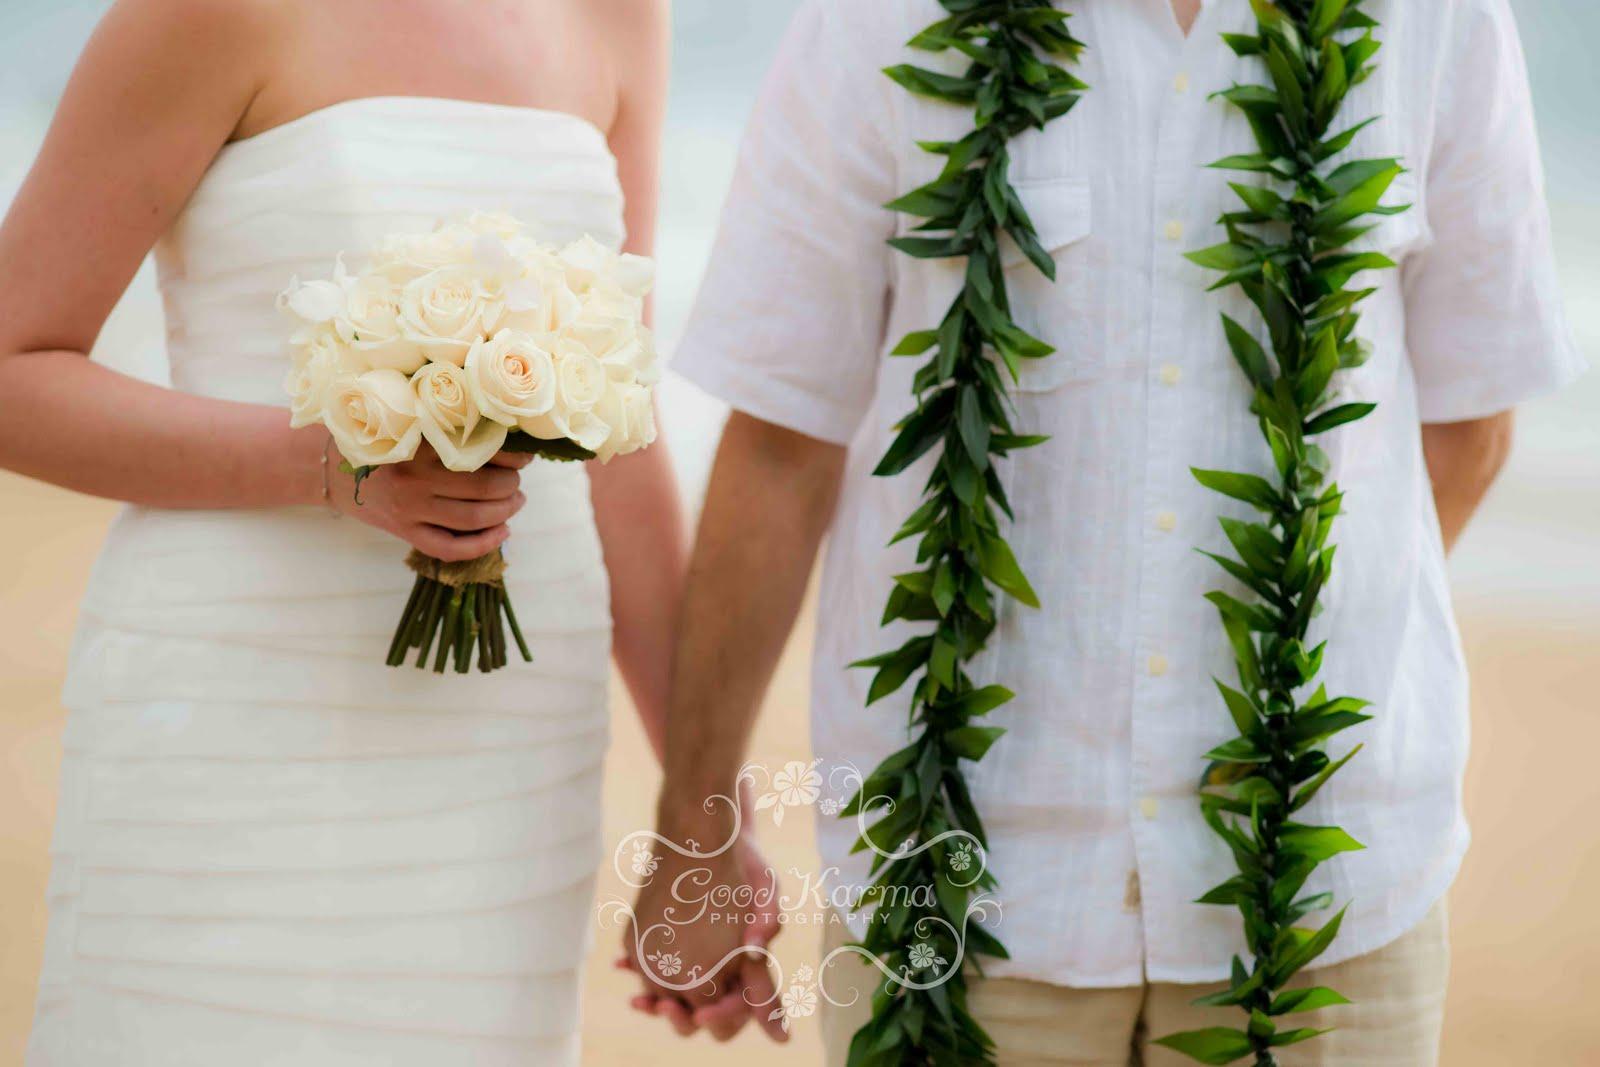 http://3.bp.blogspot.com/-qRUgZOmHkm4/TZ90tKirr_I/AAAAAAAAEO0/5a01iHe2nF0/s1600/Maui%2BWedding%2BPhotographer-1.jpg